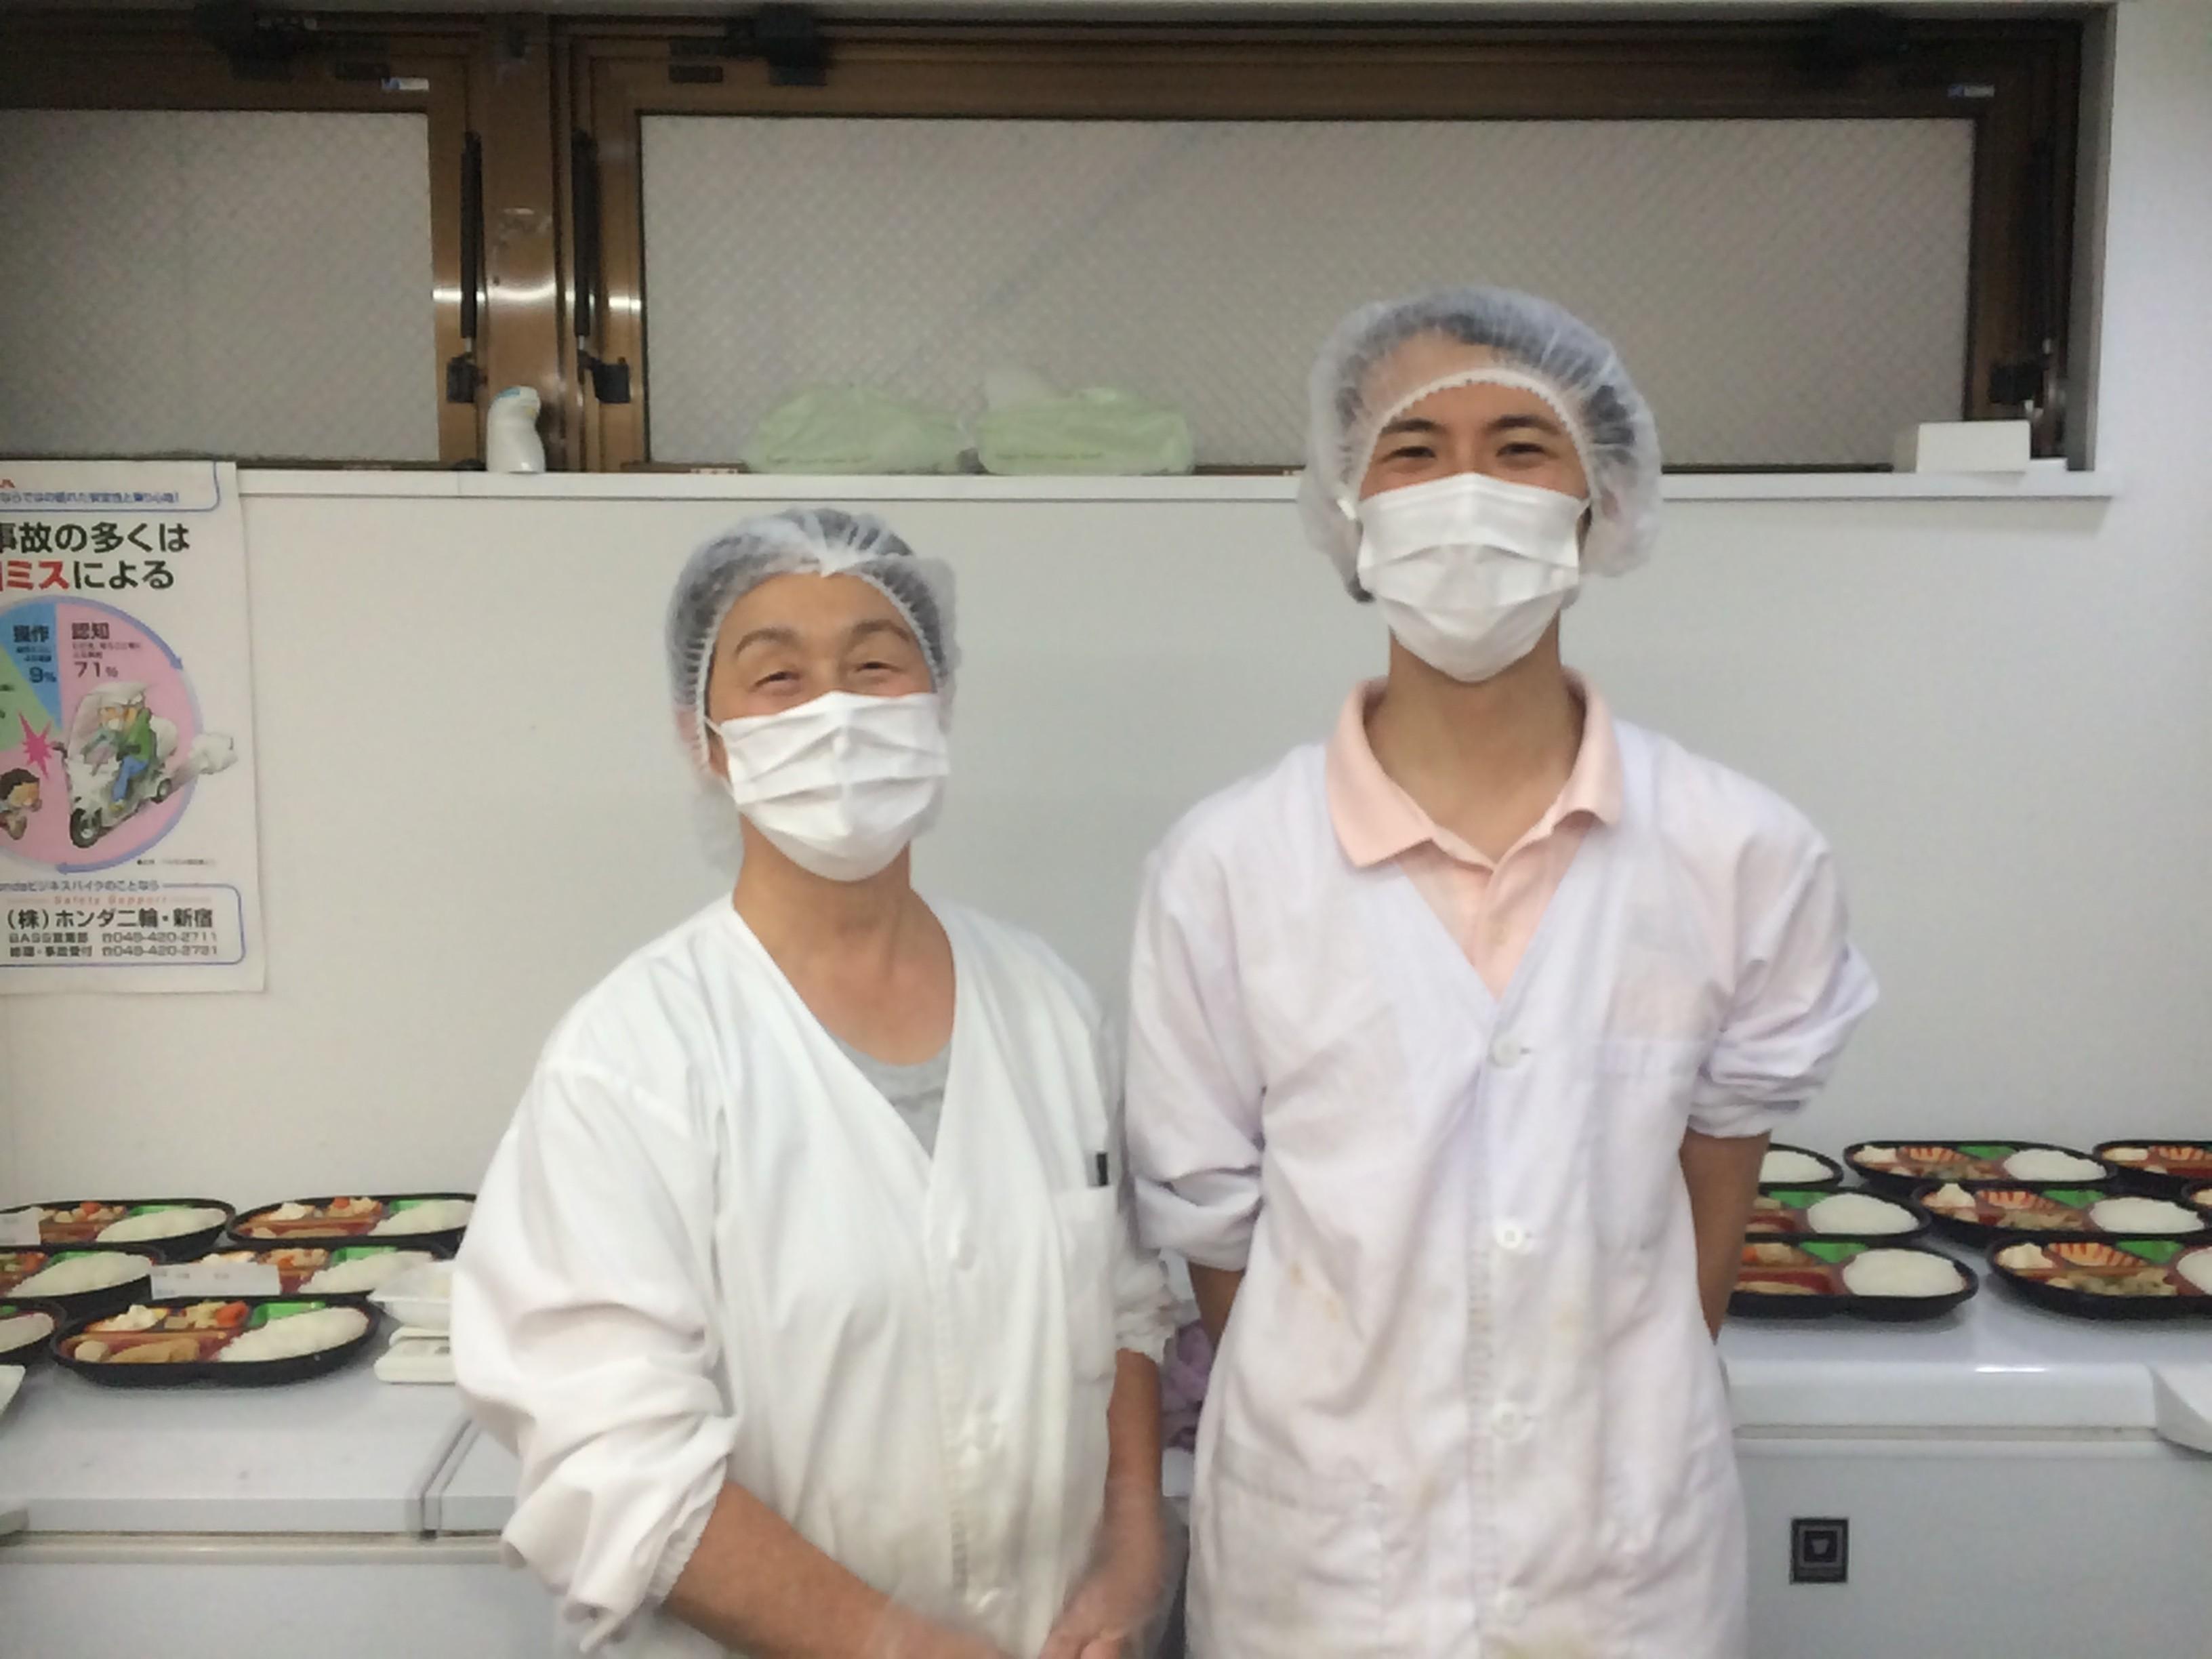 まごころ弁当 飯田橋店 のアルバイト情報